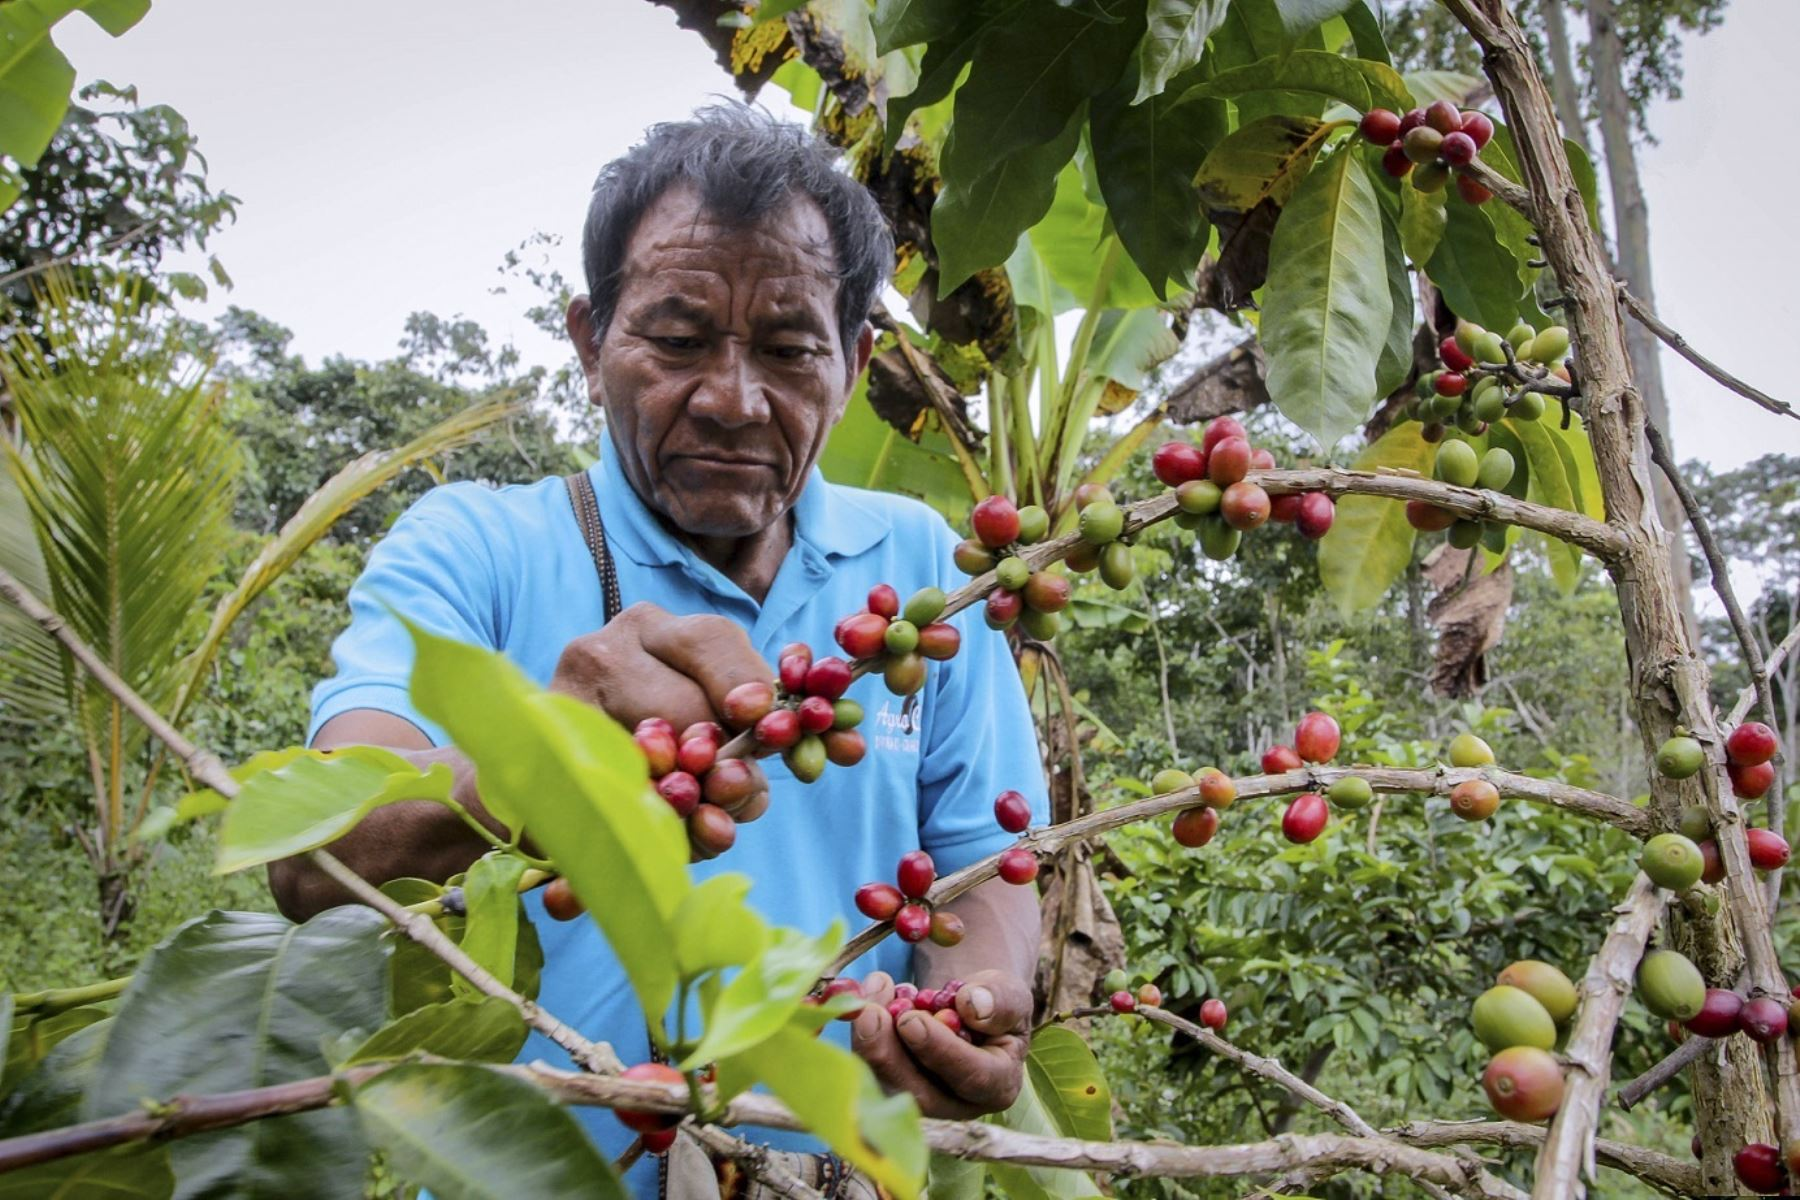 Agroexportaciones. ANDINA/Difusión